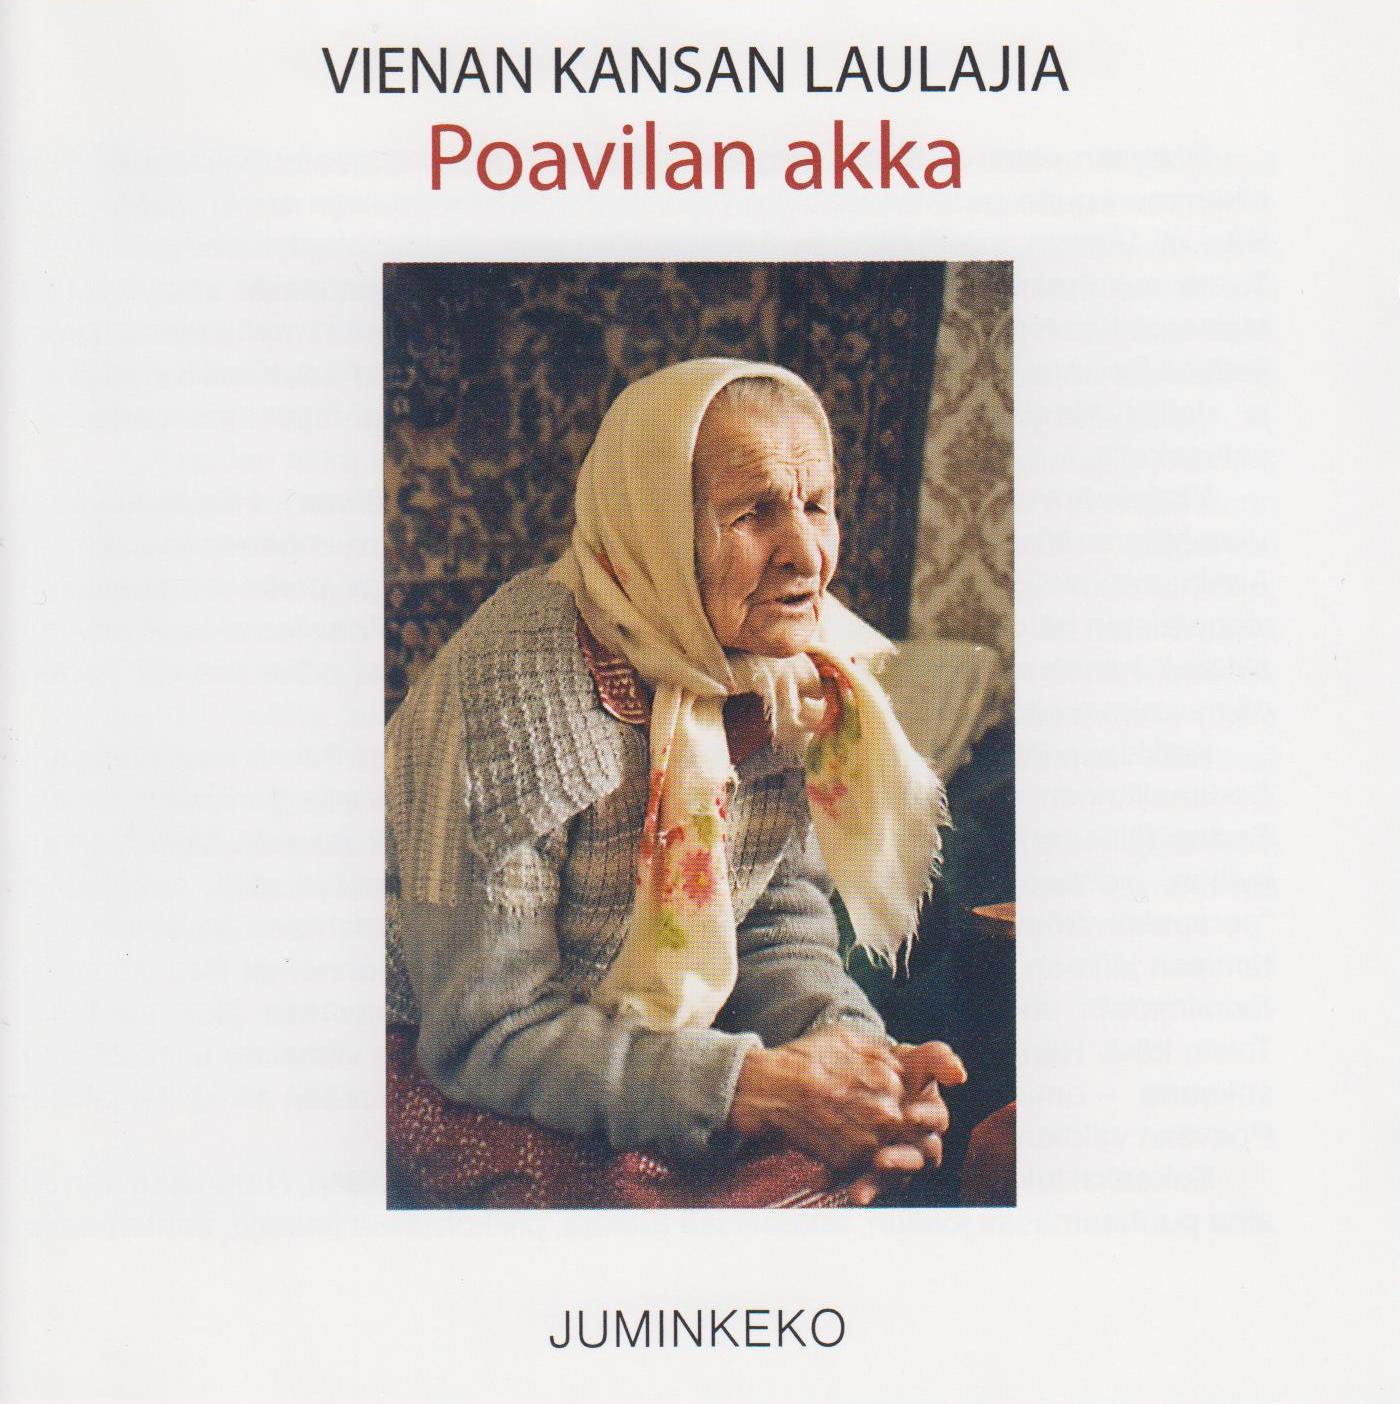 Vienan kansan laulajia: Poavilan akka. Kuva cd-levyn kannesta.